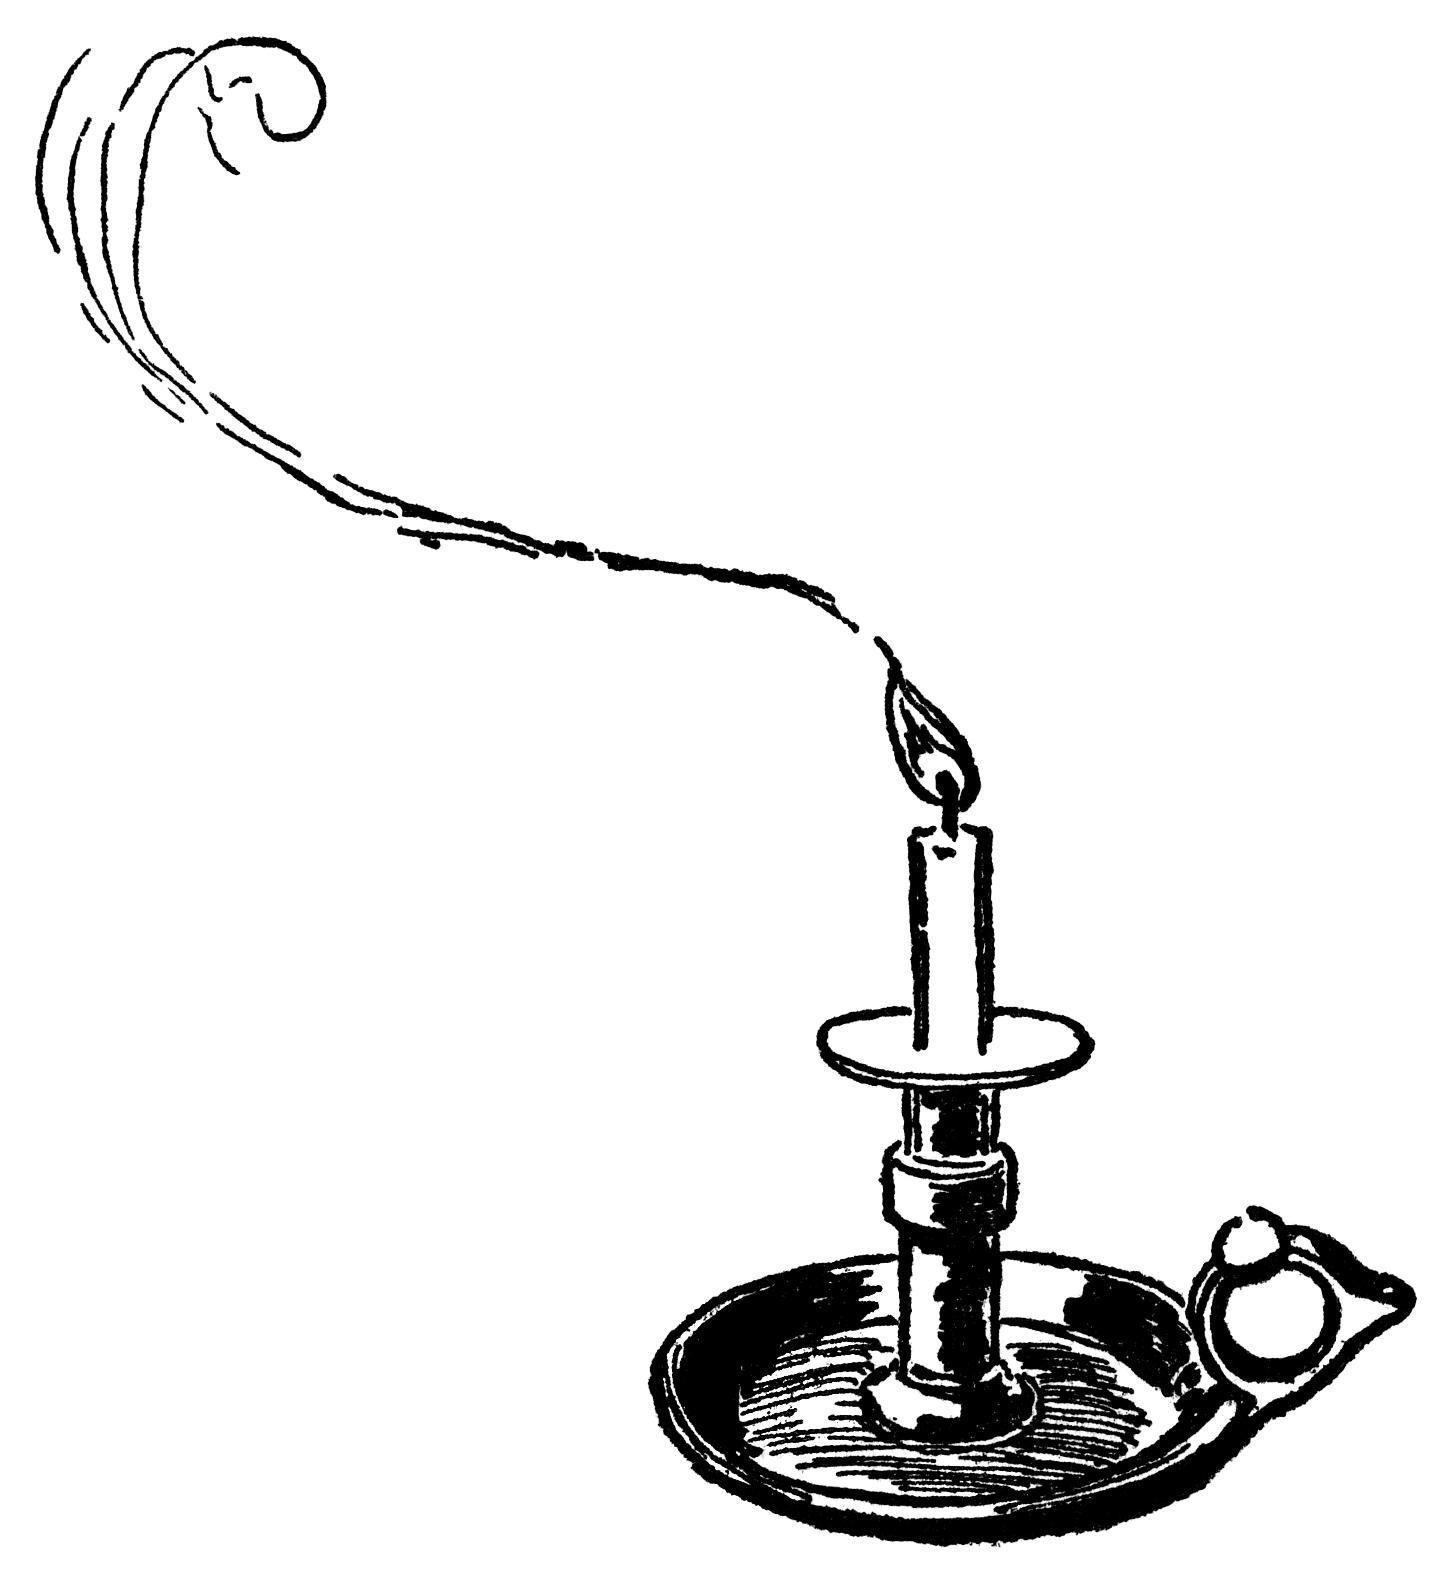 candle | TRANSFERENCIAS | Pinterest | Siluetas, Varios y Dibujo